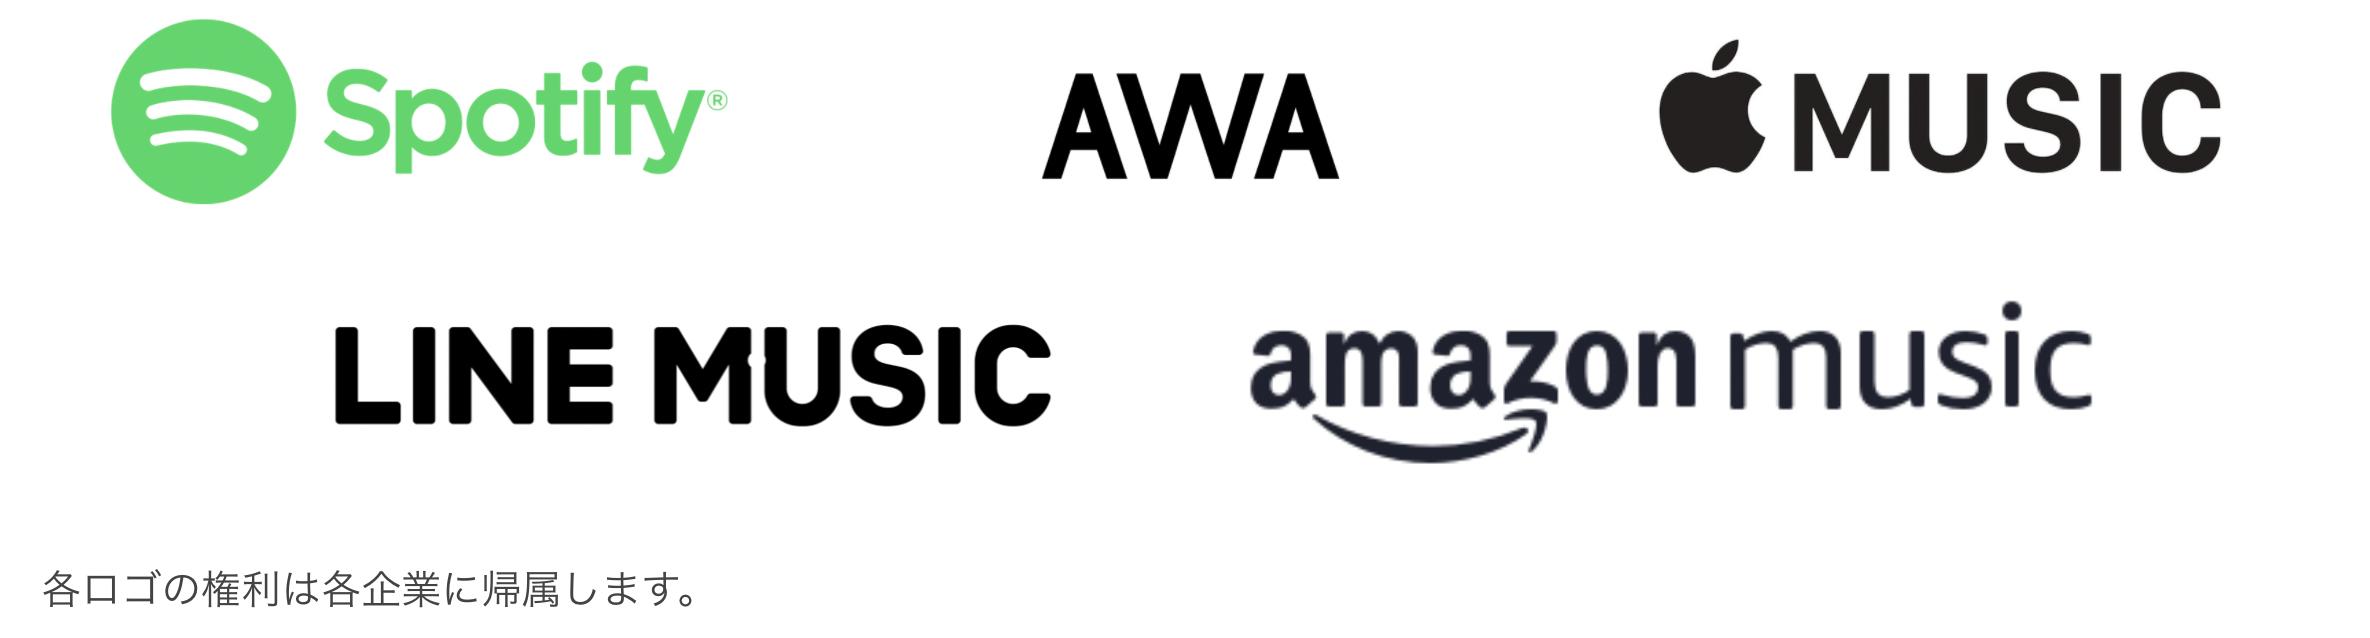 音楽配信サービス(spotify, awa, apple music, line music, amazon music)